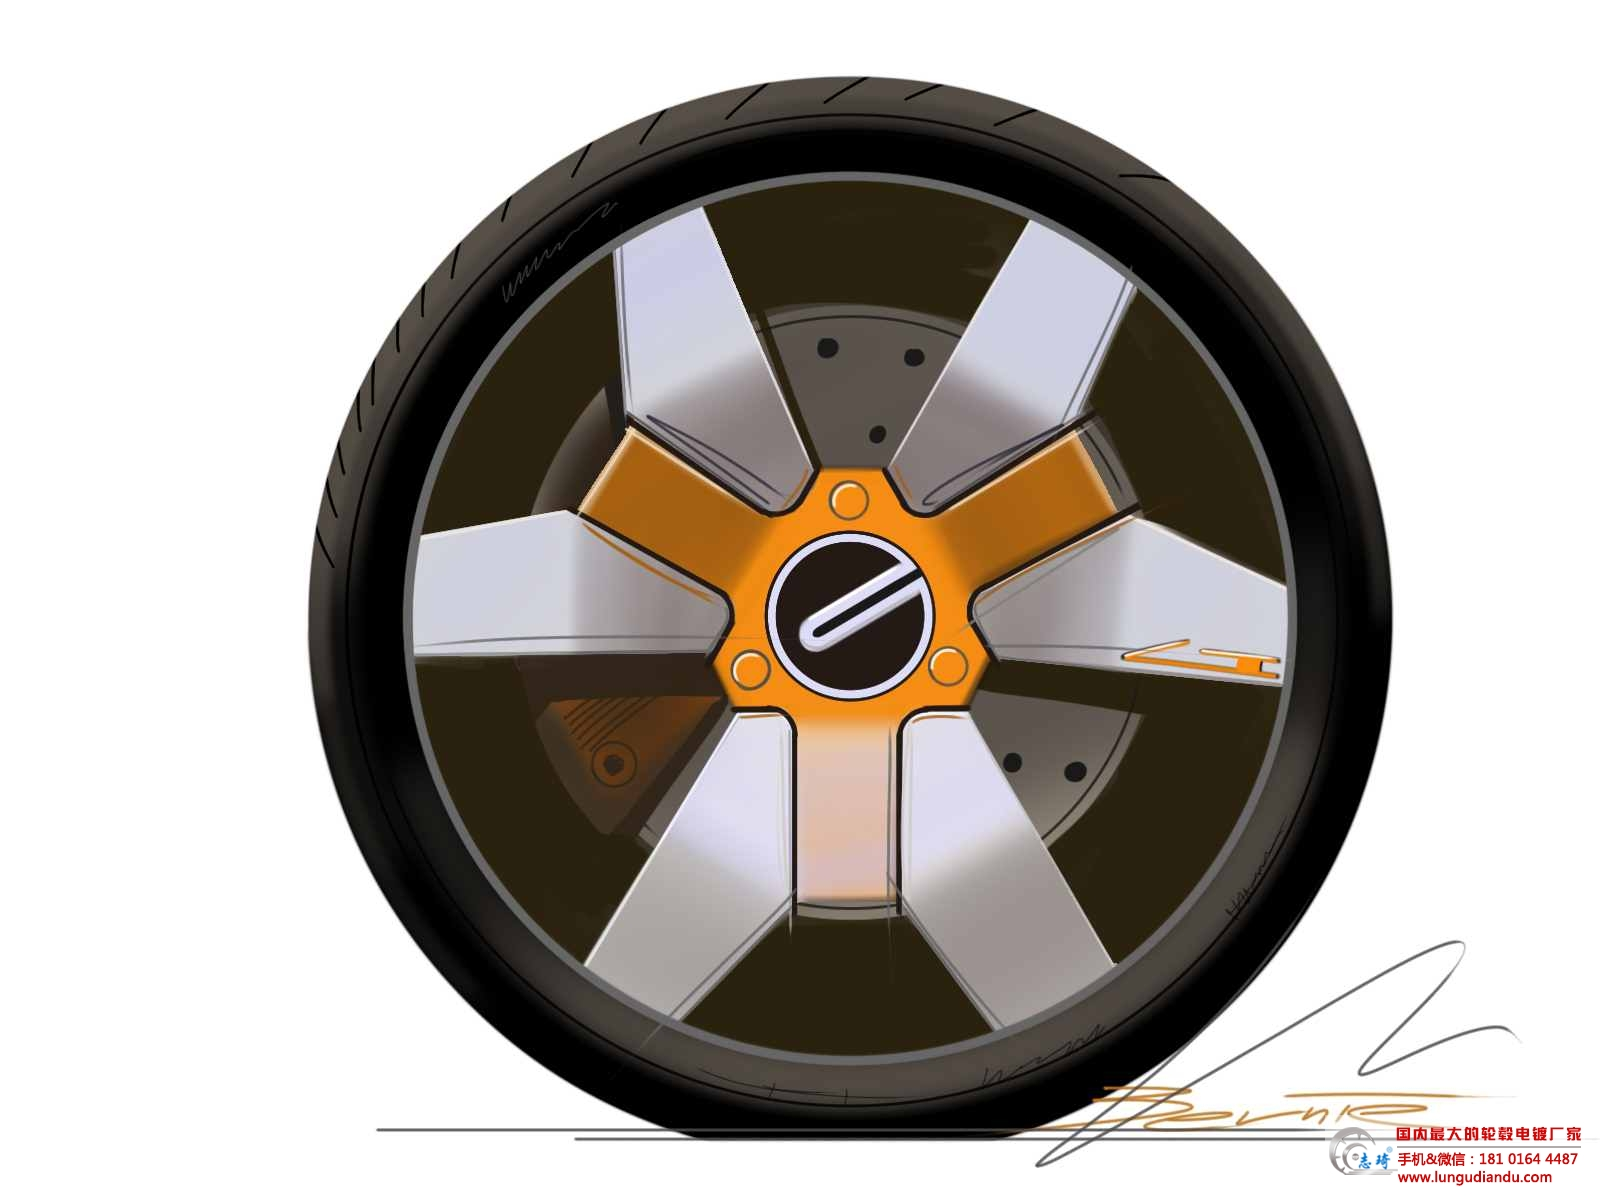 告诉您更换汽车轮毂需要注意的几个禁忌_志琦轮毂电镀